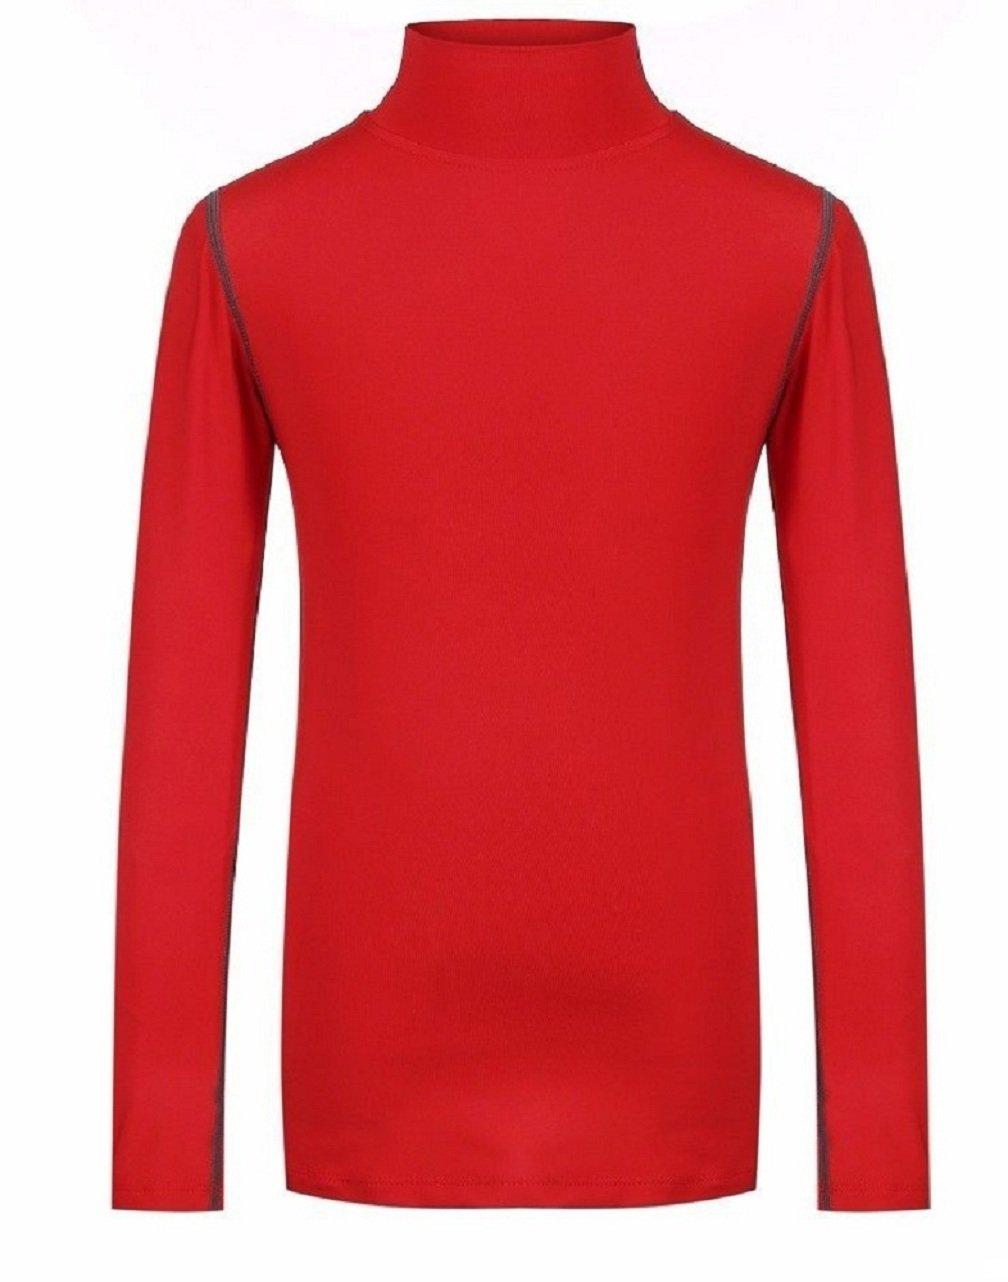 L&L® Boys Kids Children Compression Baselayer Thermal Shirt Top Long Sleeve Skins UK